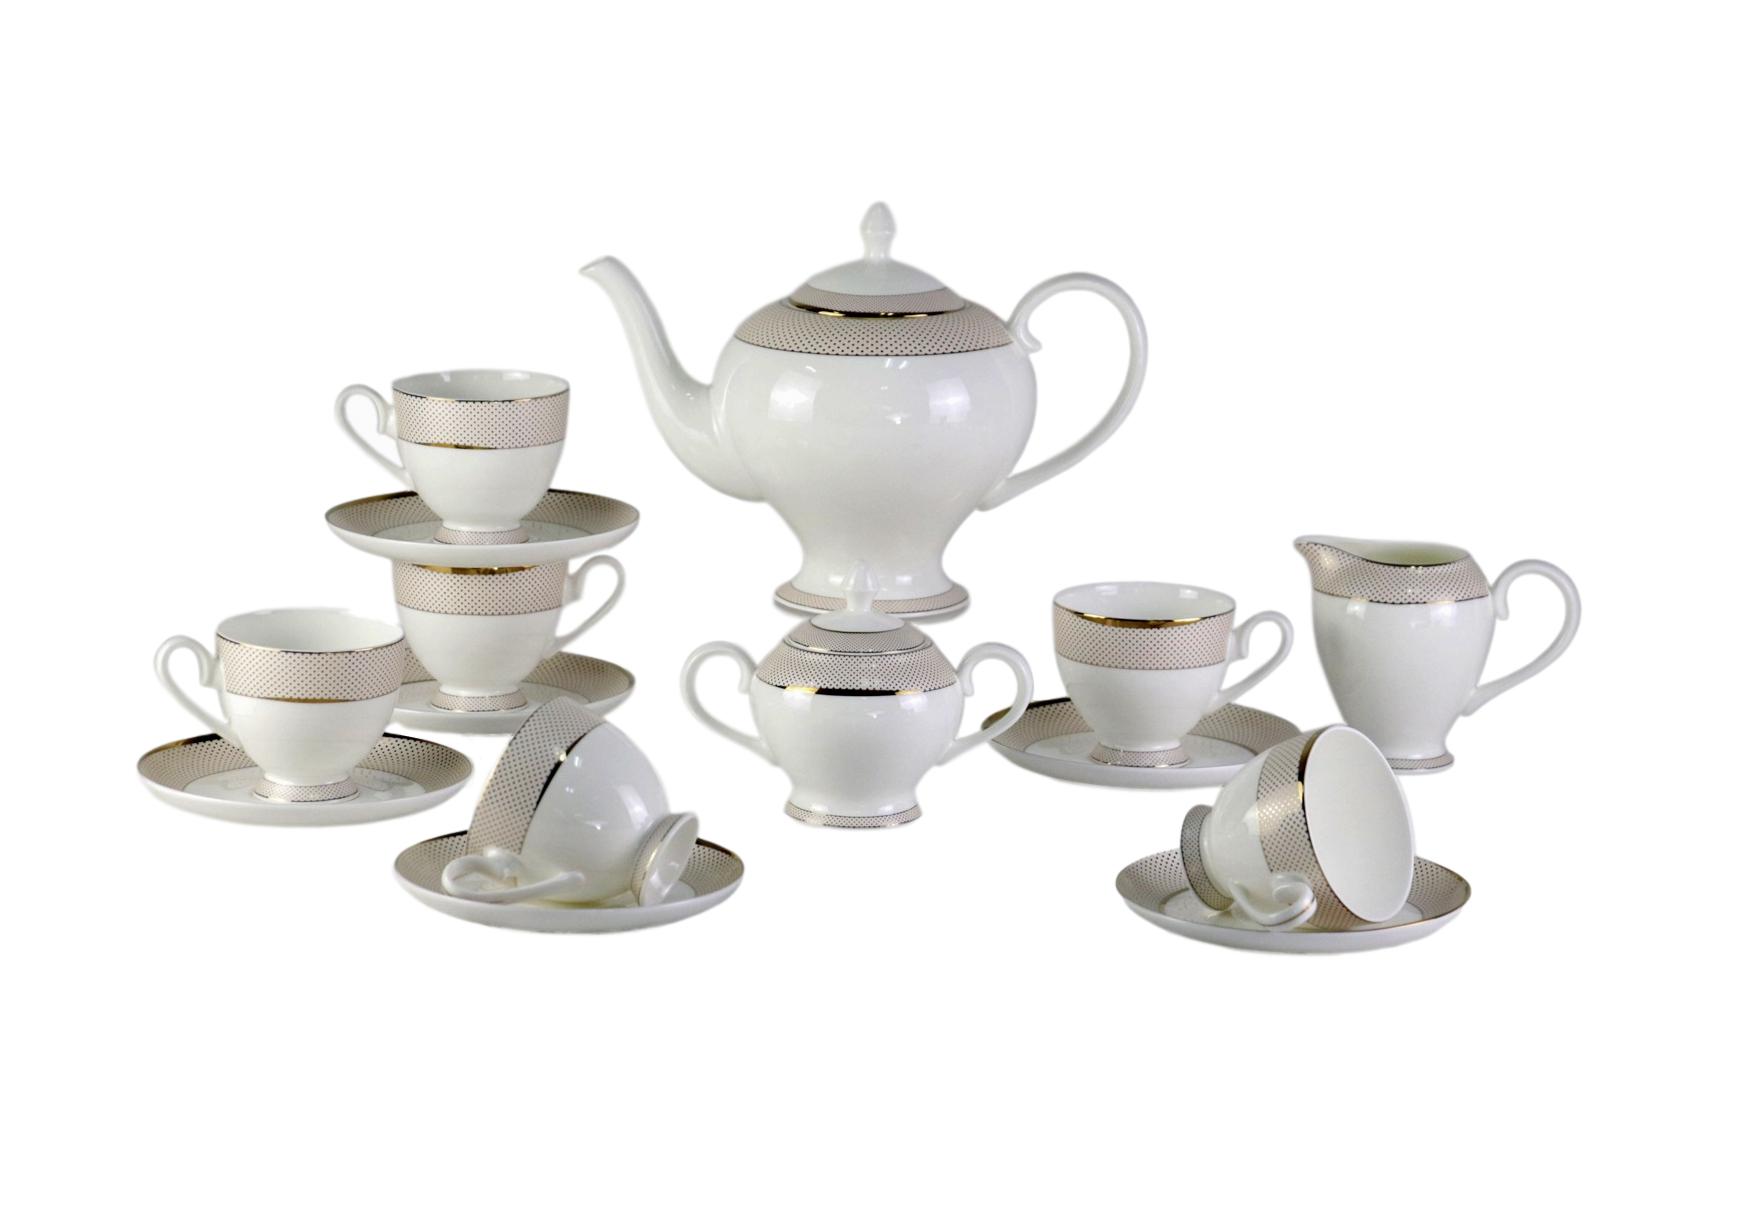 Чайный сервиз Bianko (17шт)Чайные сервизы<br>Этот нежный, обворожительный набор посуды станет элегантным столовым аксессуаром на Вашем столе. Его белый цвет отлично гармонирует с золотыми узорами. Такое удачное сочетание добавит тепла в Ваш интерьер.<br>&amp;amp;nbsp;&amp;amp;nbsp;&amp;lt;div&amp;gt;&amp;lt;br&amp;gt;&amp;lt;/div&amp;gt;&amp;lt;div&amp;gt;В сервиз входят:<br>&amp;amp;nbsp;&amp;amp;nbsp;&amp;lt;/div&amp;gt;&amp;lt;div&amp;gt;1 Заварочный чайник: высота &amp;amp;nbsp;c крышкой 21 см, ширина 28 см, глубина 15 см;<br>&amp;amp;nbsp;&amp;lt;/div&amp;gt;&amp;lt;div&amp;gt;6 блюдец: диаметр 15,5 см, высота 1,7 см;<br>&amp;amp;nbsp;&amp;amp;nbsp;&amp;lt;/div&amp;gt;&amp;lt;div&amp;gt;6 чашек: высота 8,3 см, ширина: 11,5 см, глубина: 9 см;<br>&amp;amp;nbsp;&amp;amp;nbsp;&amp;lt;/div&amp;gt;&amp;lt;div&amp;gt;1 сахарница: высота 12,7 см, ширина: 15,5, глубина: 9,5 см;<br>&amp;amp;nbsp;&amp;amp;nbsp;&amp;lt;/div&amp;gt;&amp;lt;div&amp;gt;1 сливочник: высота: 11 см, ширина 13 см, глубина: 8,2 см; &amp;amp;nbsp;&amp;amp;nbsp;&amp;lt;/div&amp;gt;&amp;lt;div&amp;gt;&amp;lt;br&amp;gt;&amp;lt;/div&amp;gt;&amp;lt;div&amp;gt;Материал Костяной фарфор&amp;lt;/div&amp;gt;<br><br>Material: Керамика<br>Width см: None<br>Depth см: None<br>Height см: None